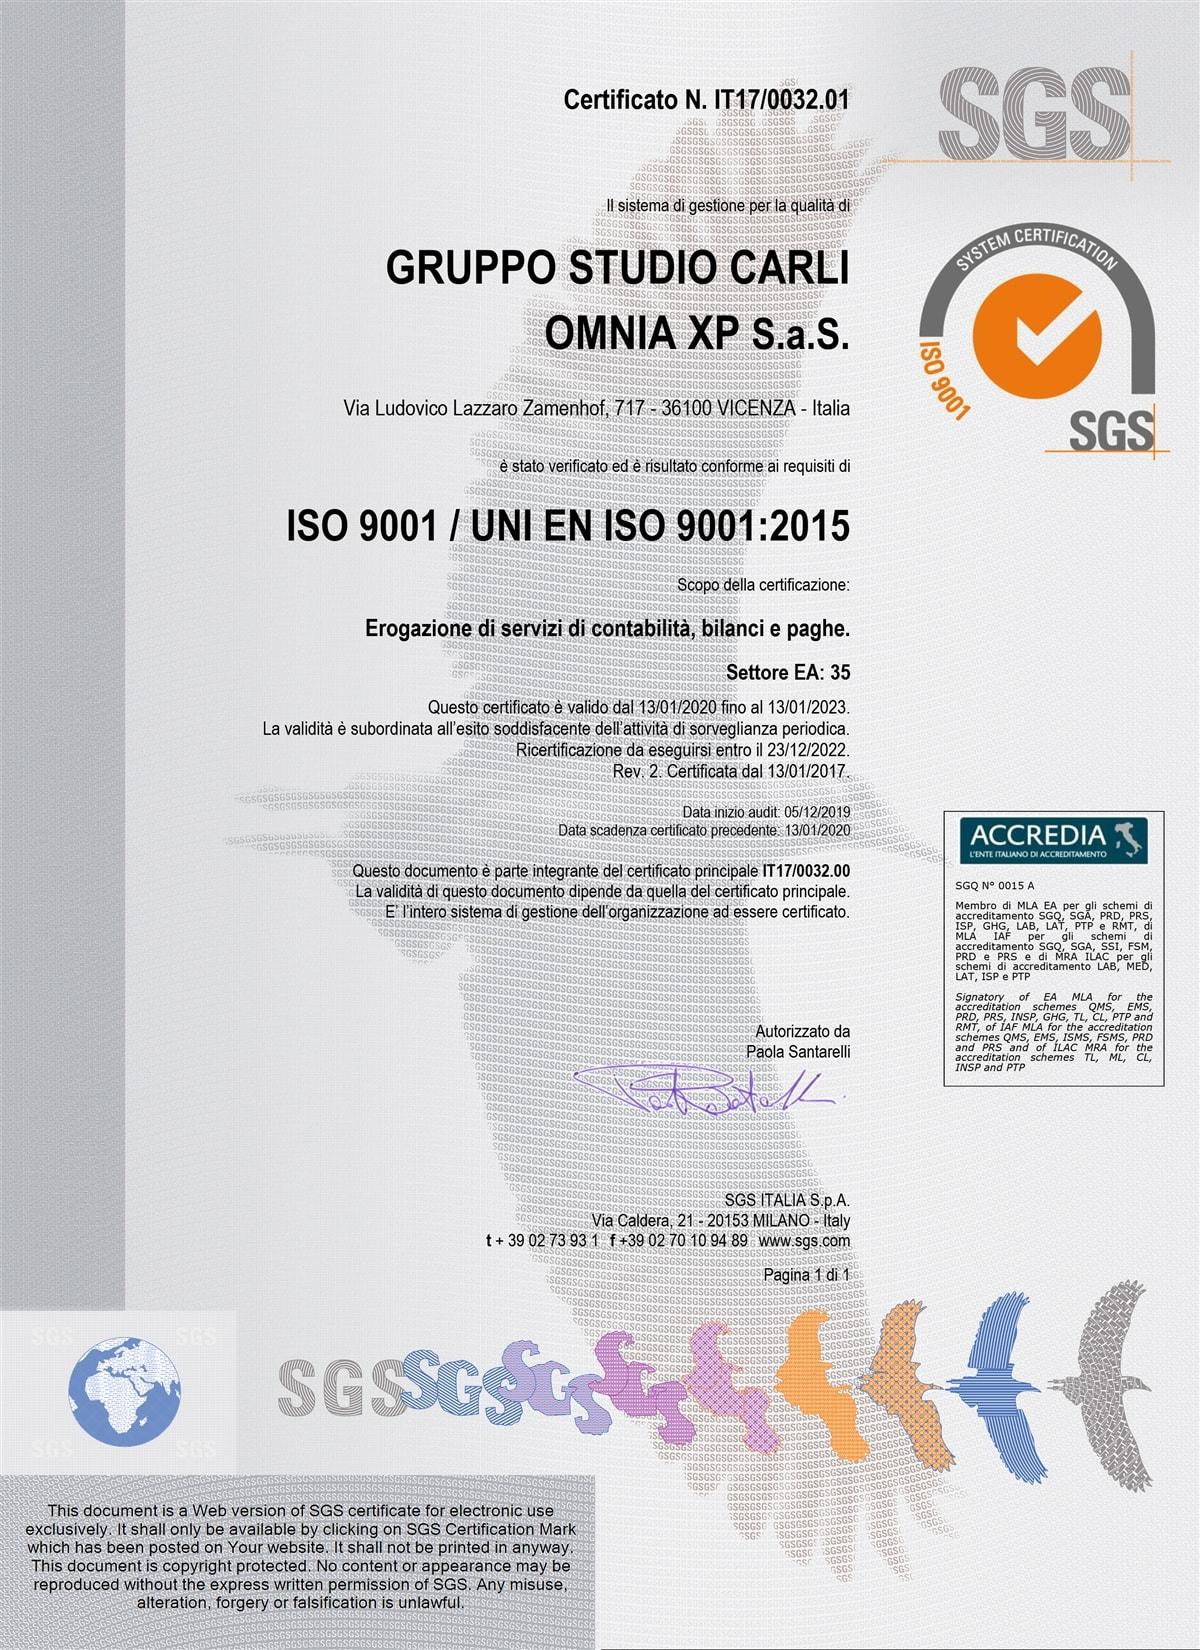 Certificato qualità SGS N IT17003201